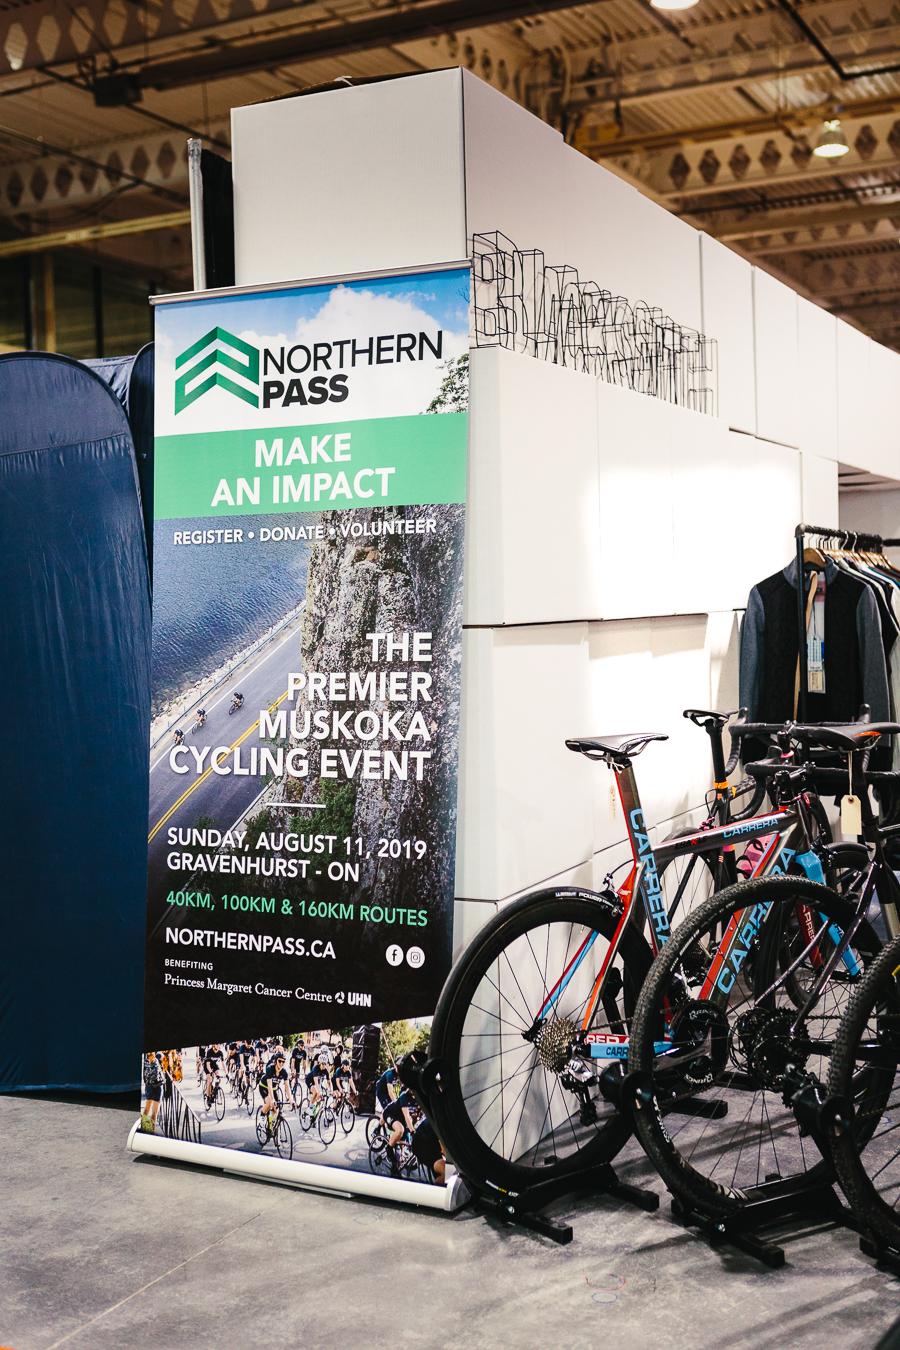 Toronto Bike Show - Northern Pass